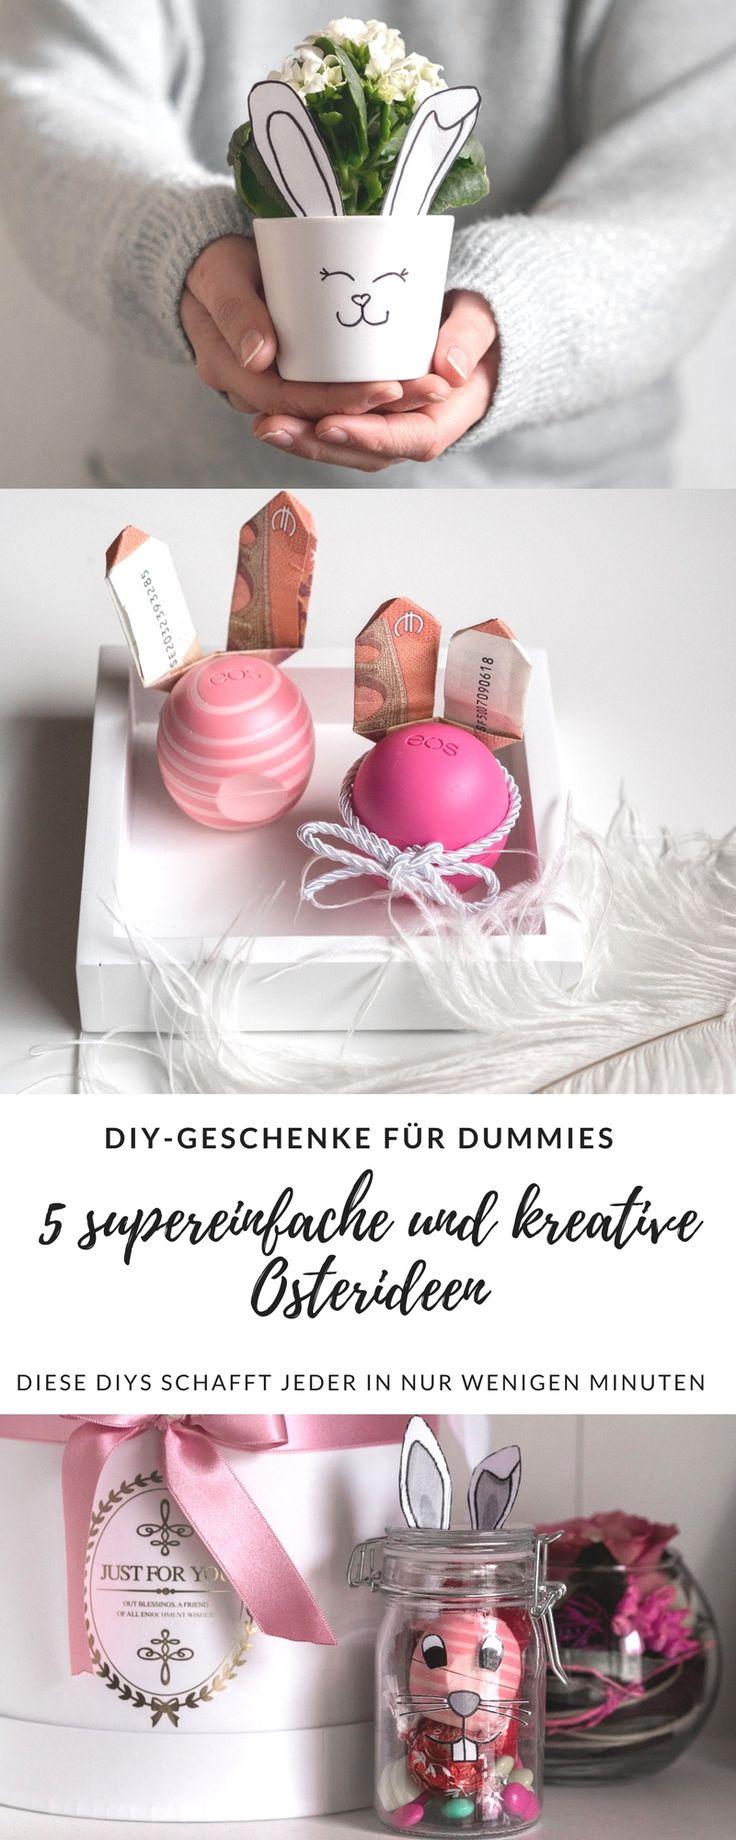 DIY-Geschenke für Dummies